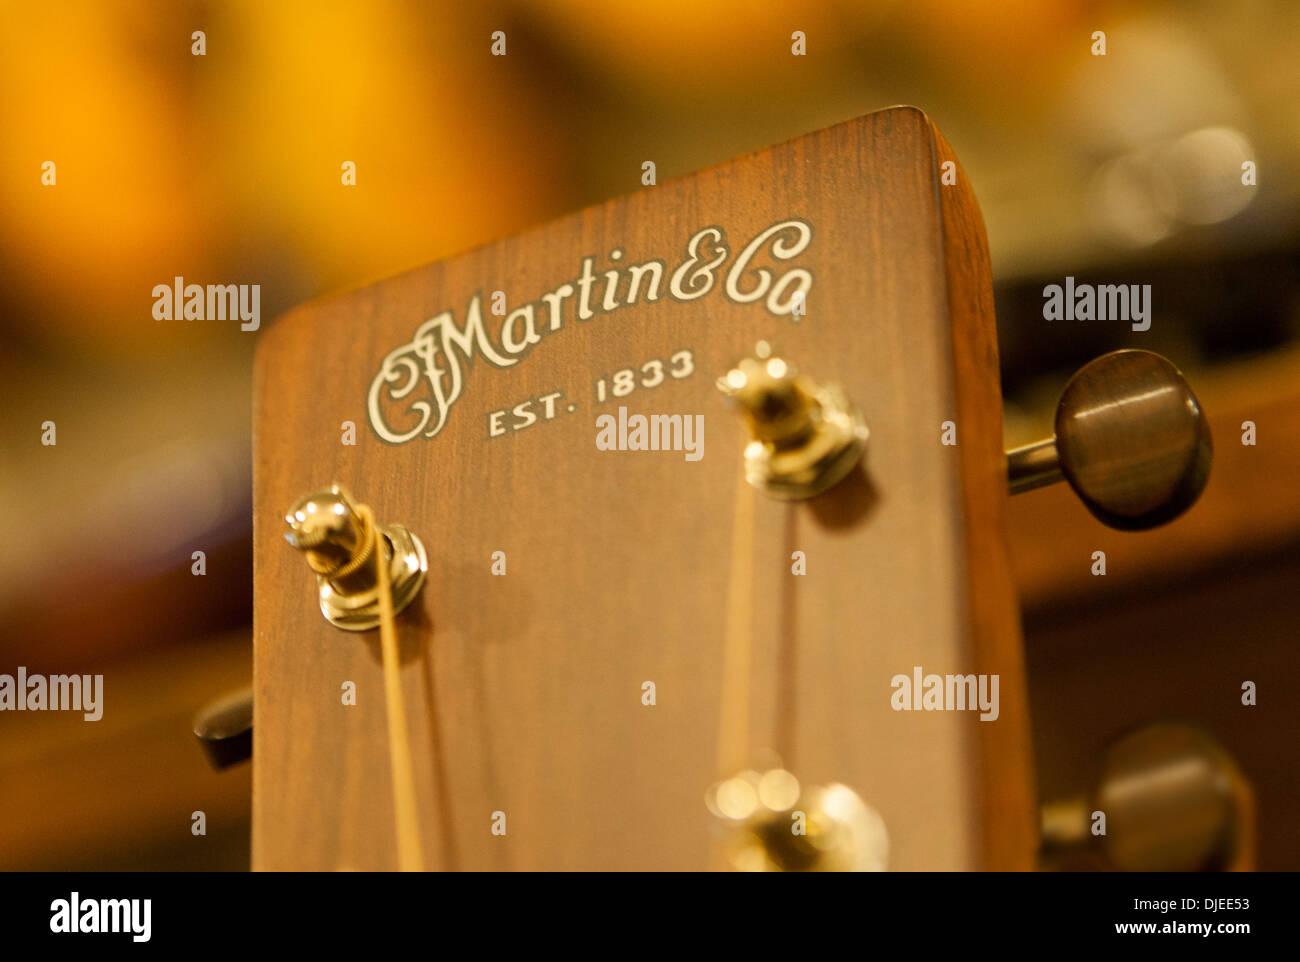 In prossimità di una chitarra Martin casella di PEG o tuning box o testata. Immagini Stock